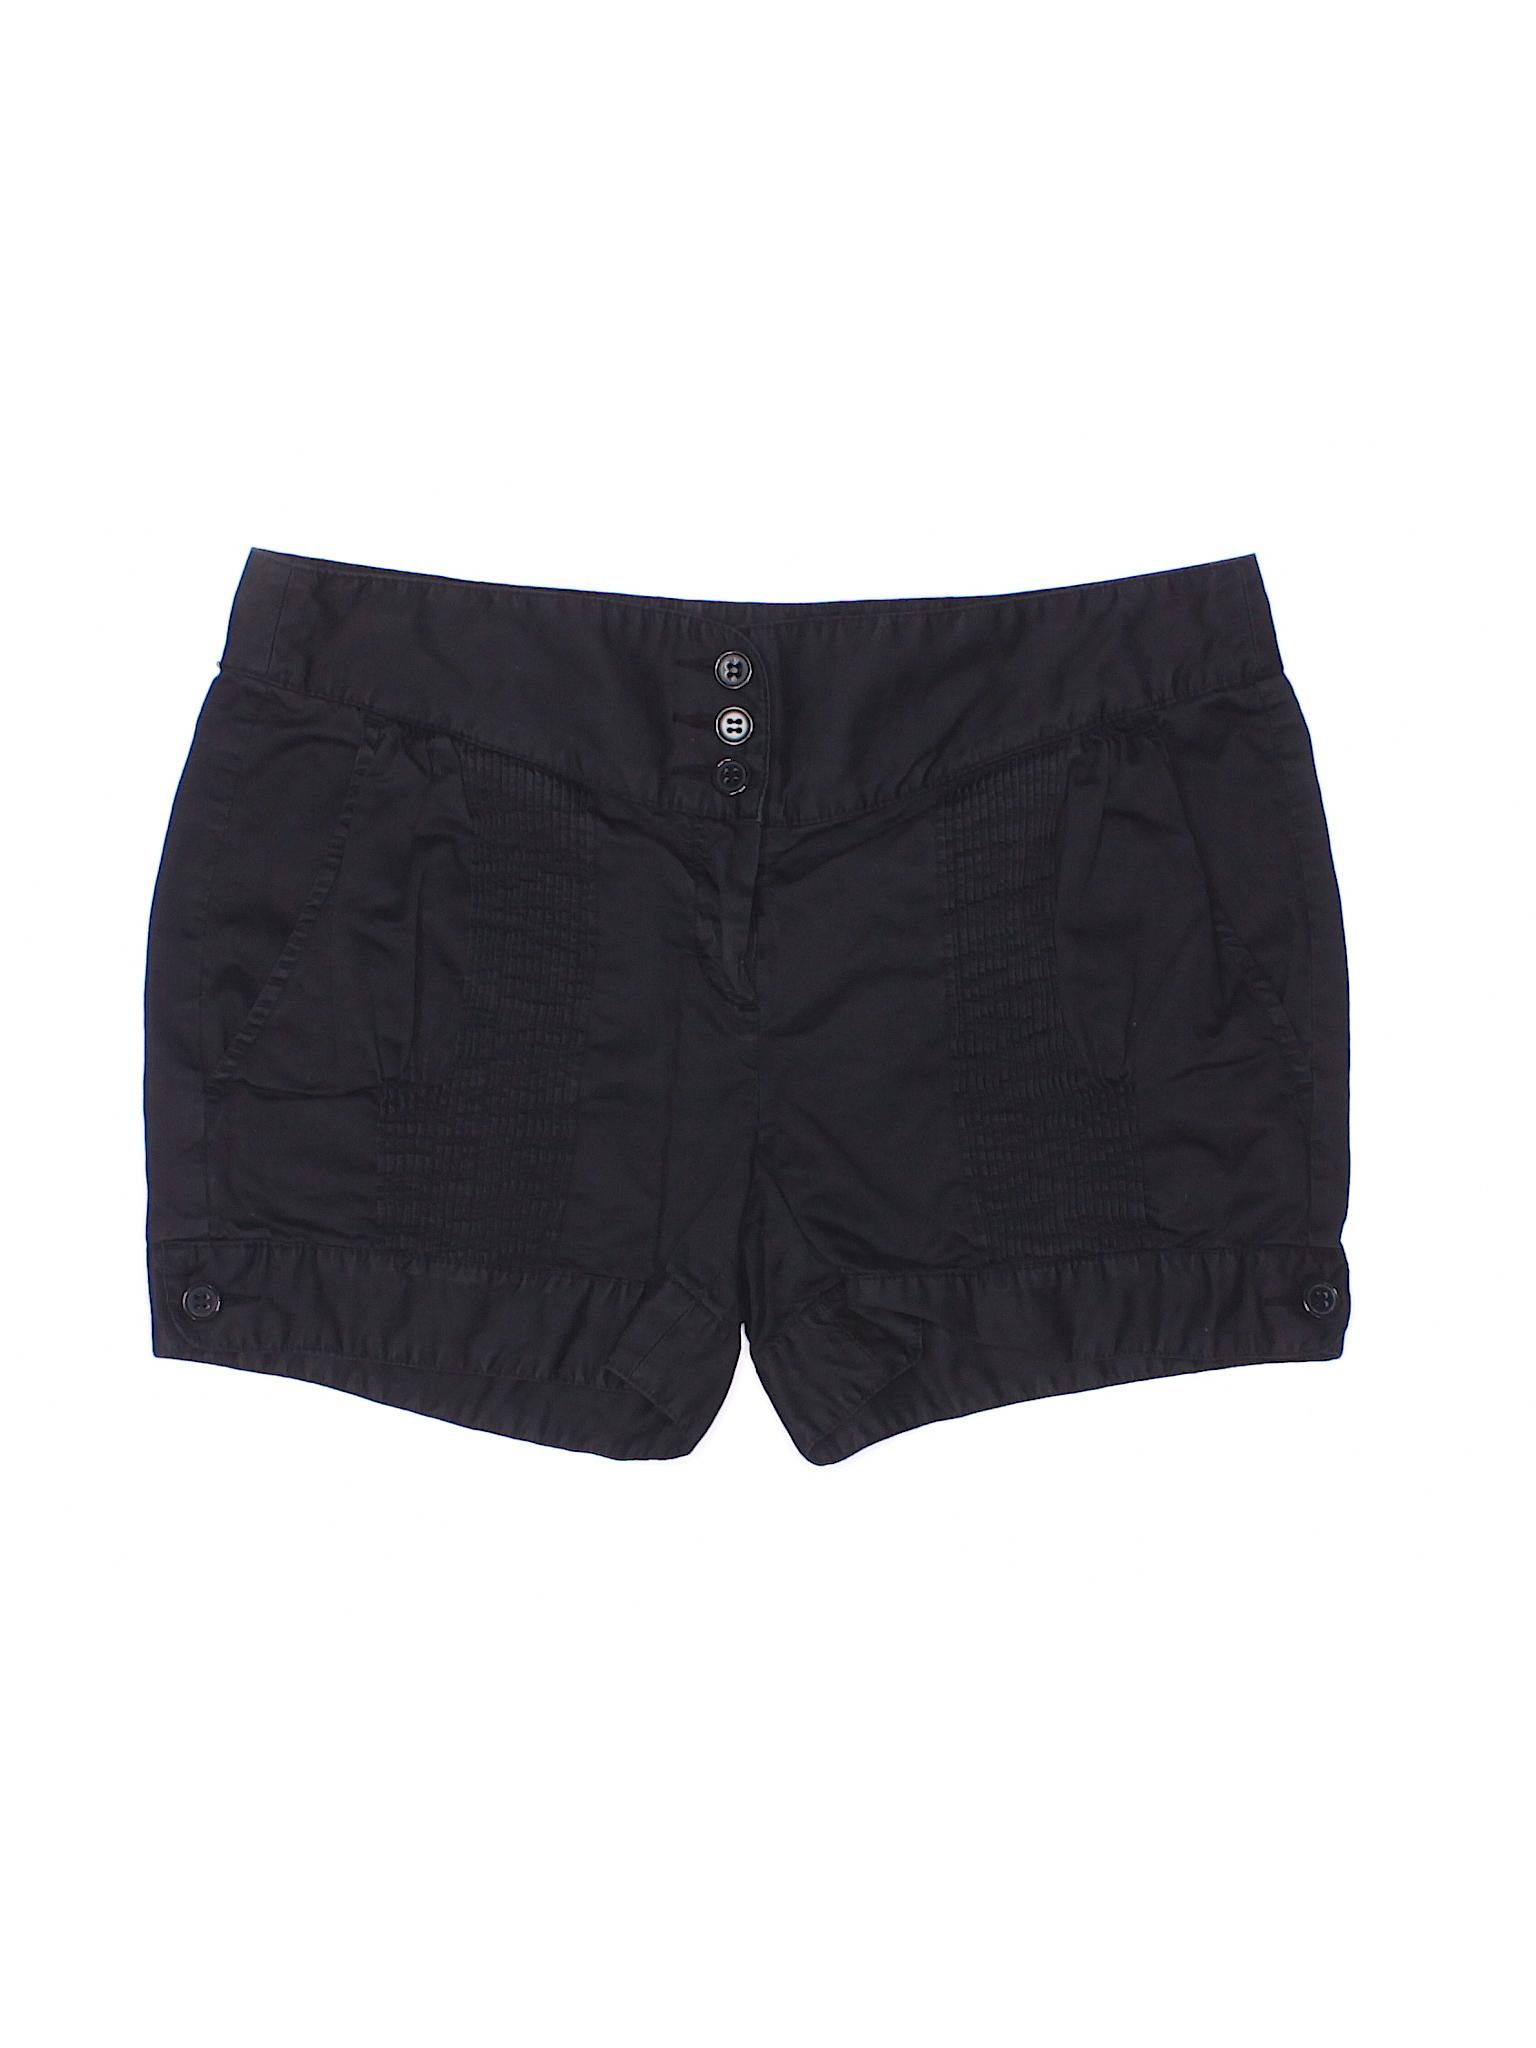 Shorts BCBGMAXAZRIA Boutique Boutique BCBGMAXAZRIA ZwUqXgxt